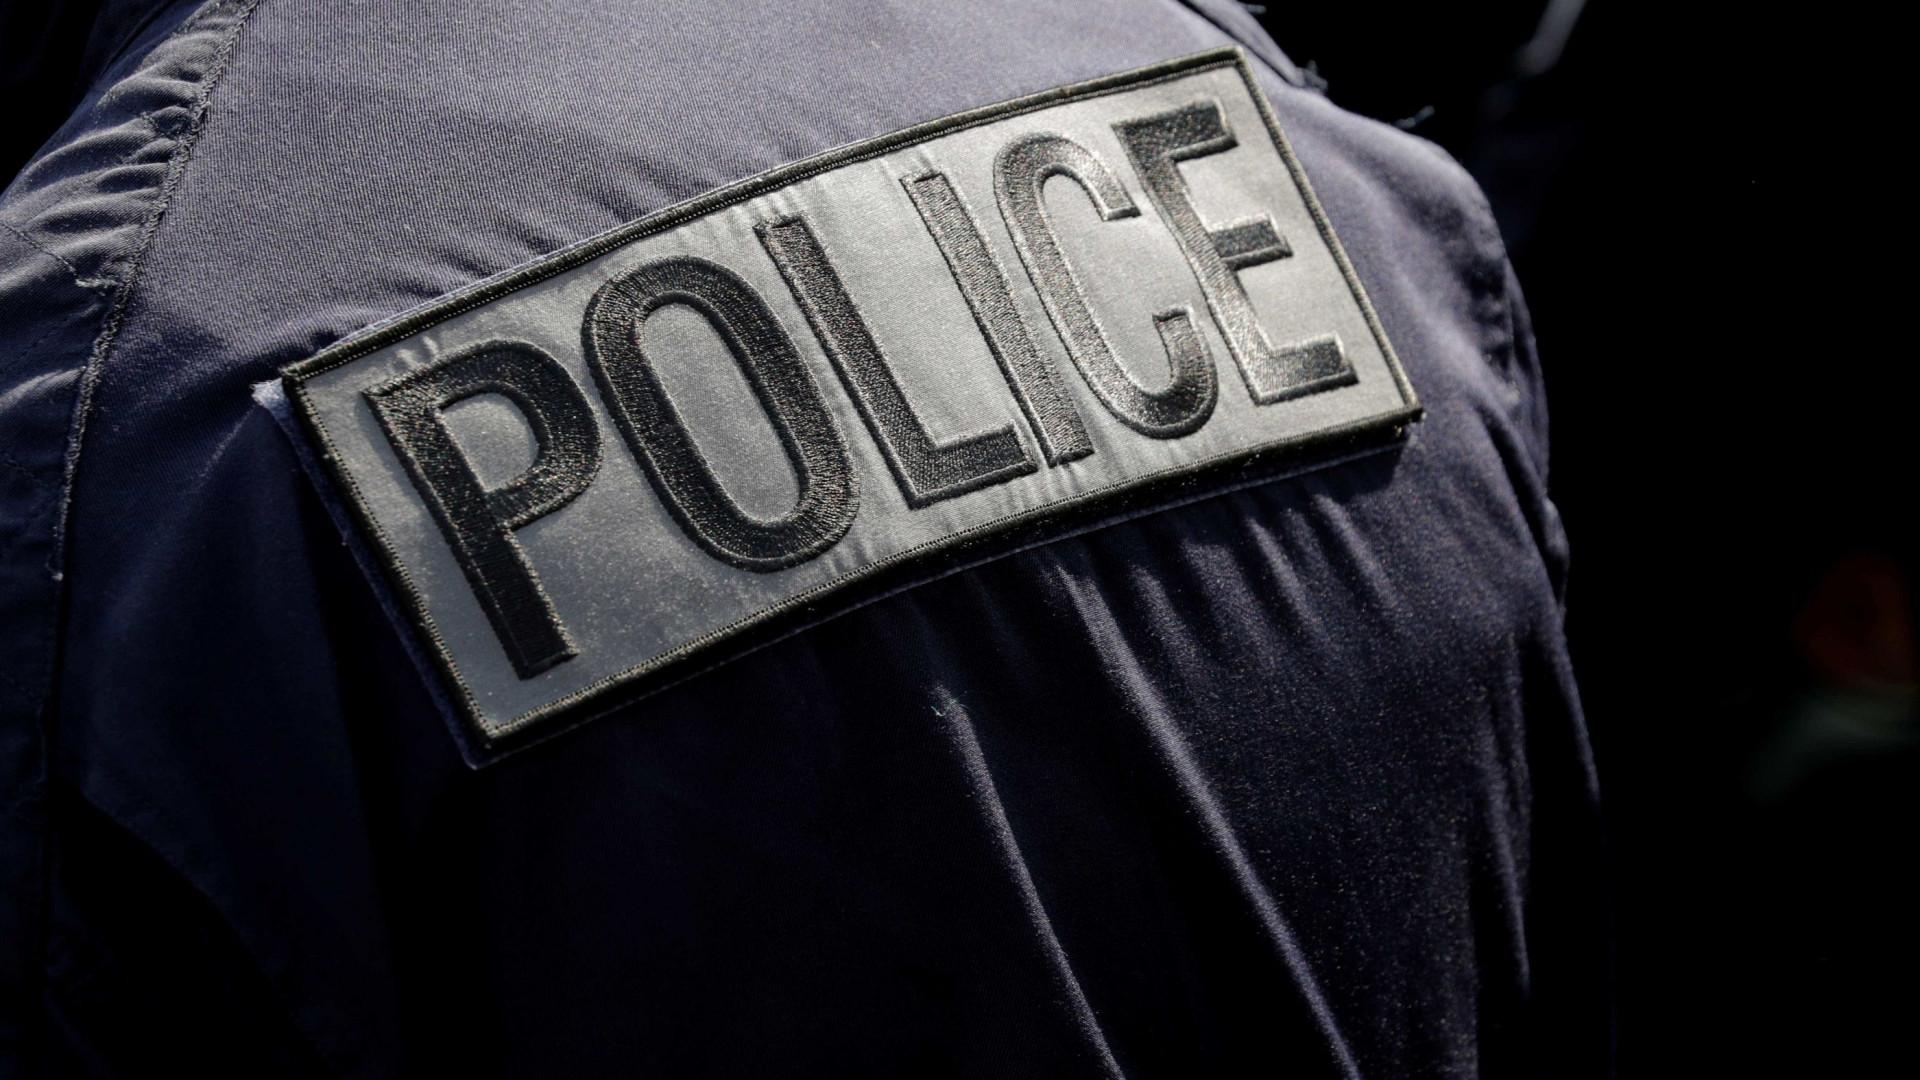 Homem esfaqueou sete pessoas em Paris. Há quatro feridos em estado grave